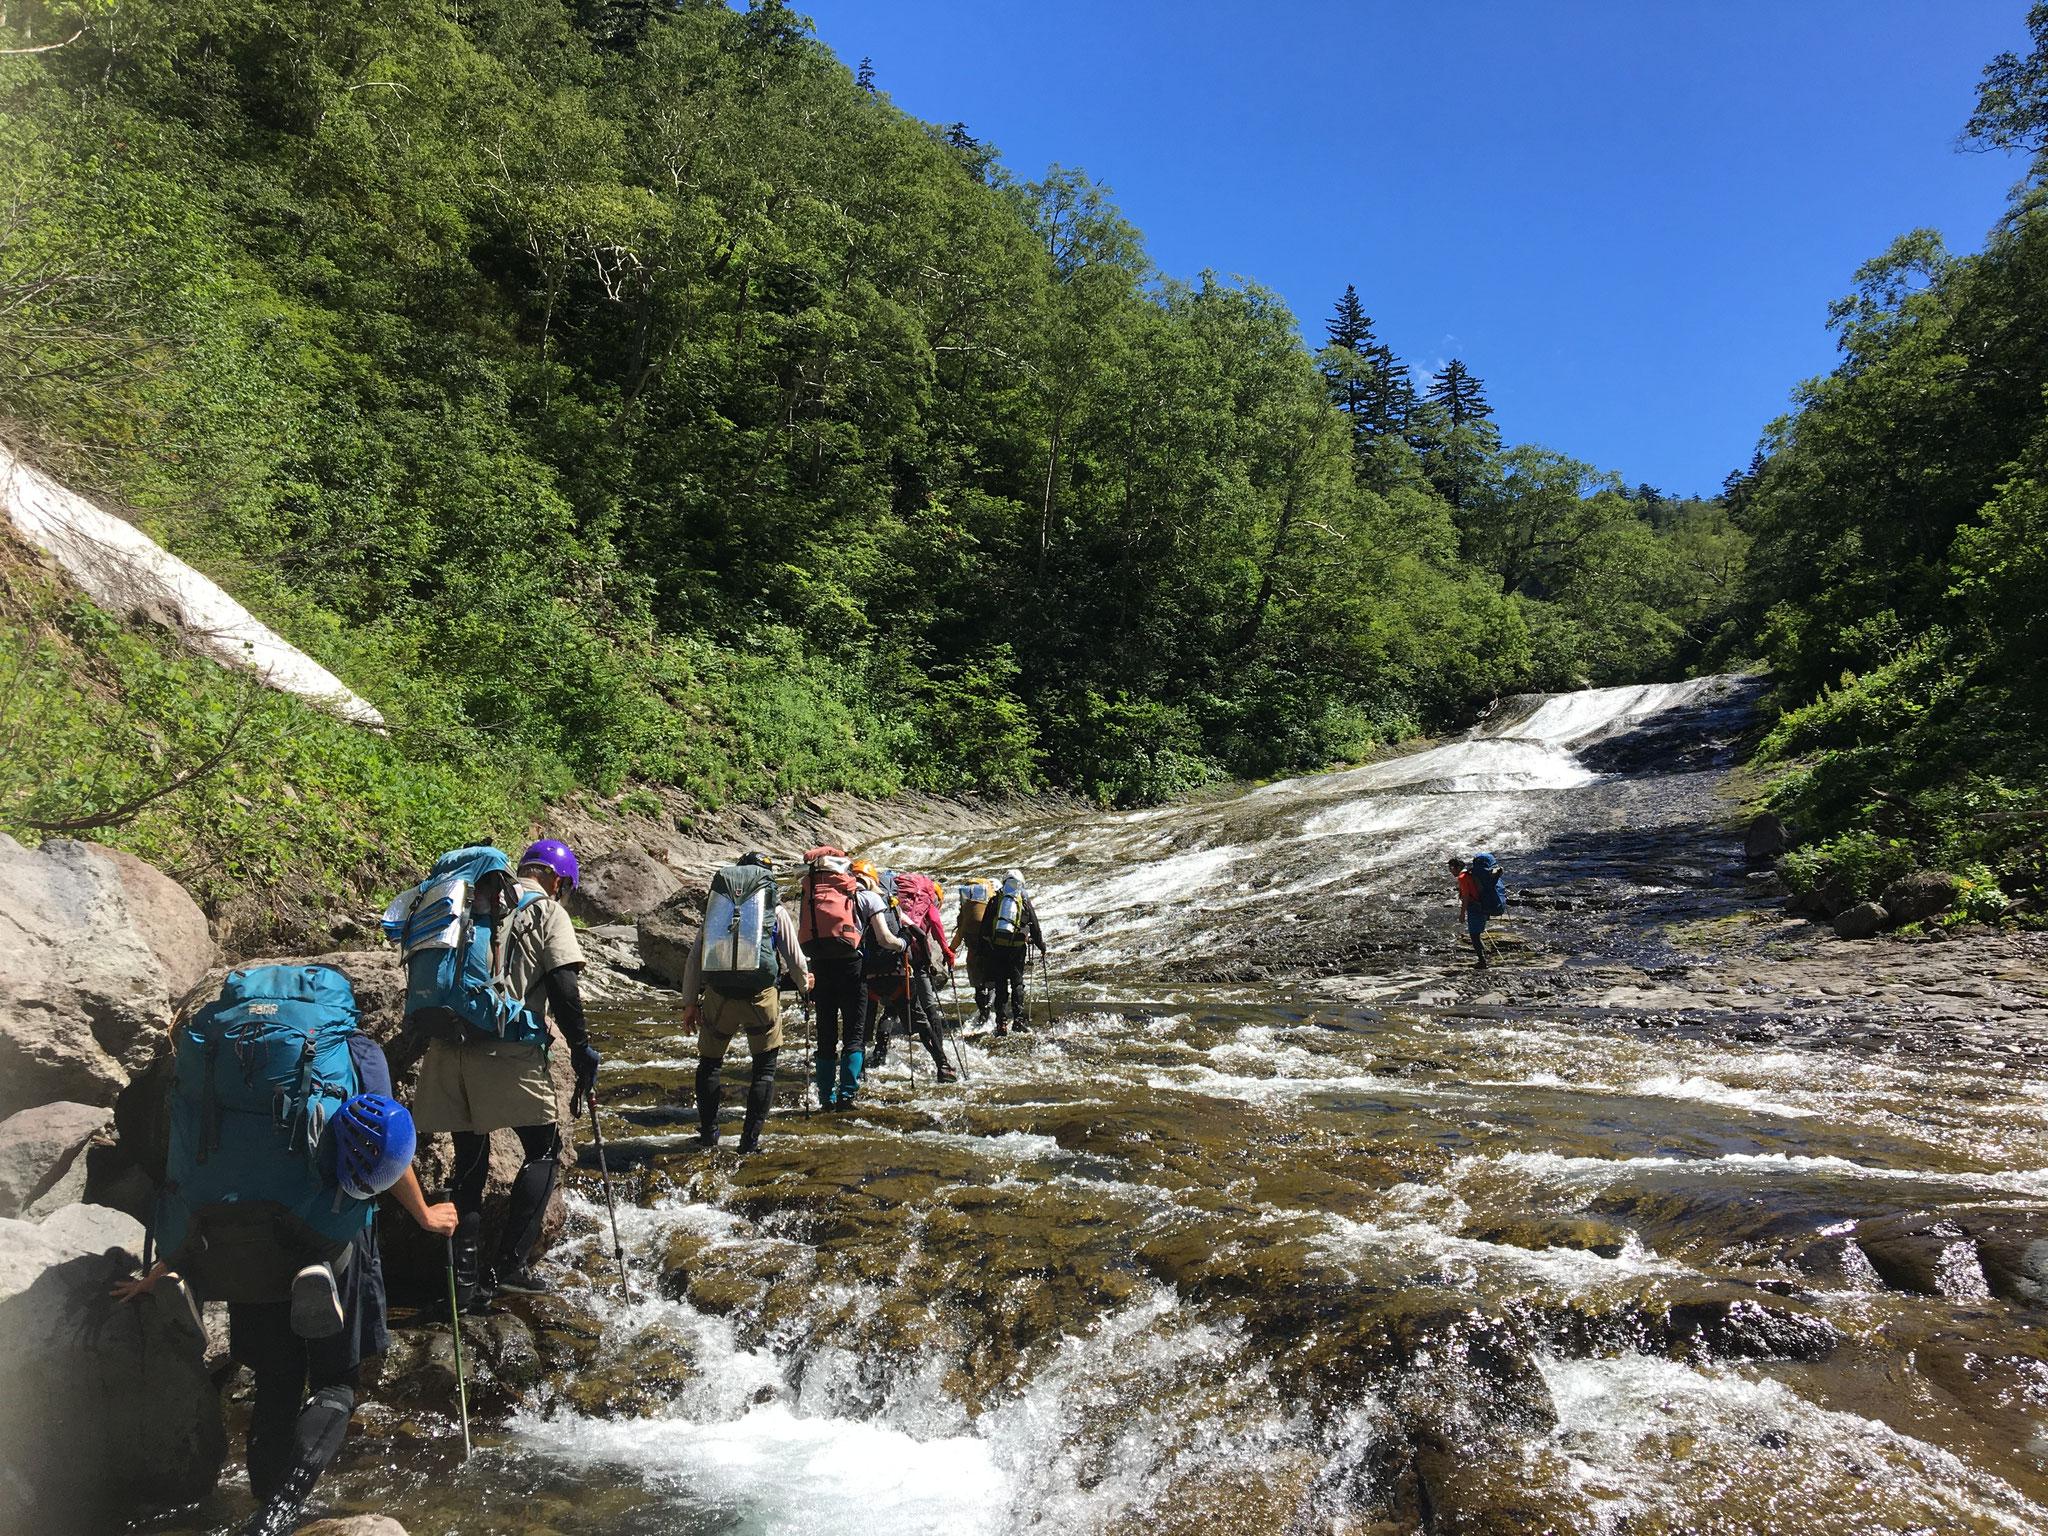 滝の瀬13丁 クワウンナイ川を遡行 7月